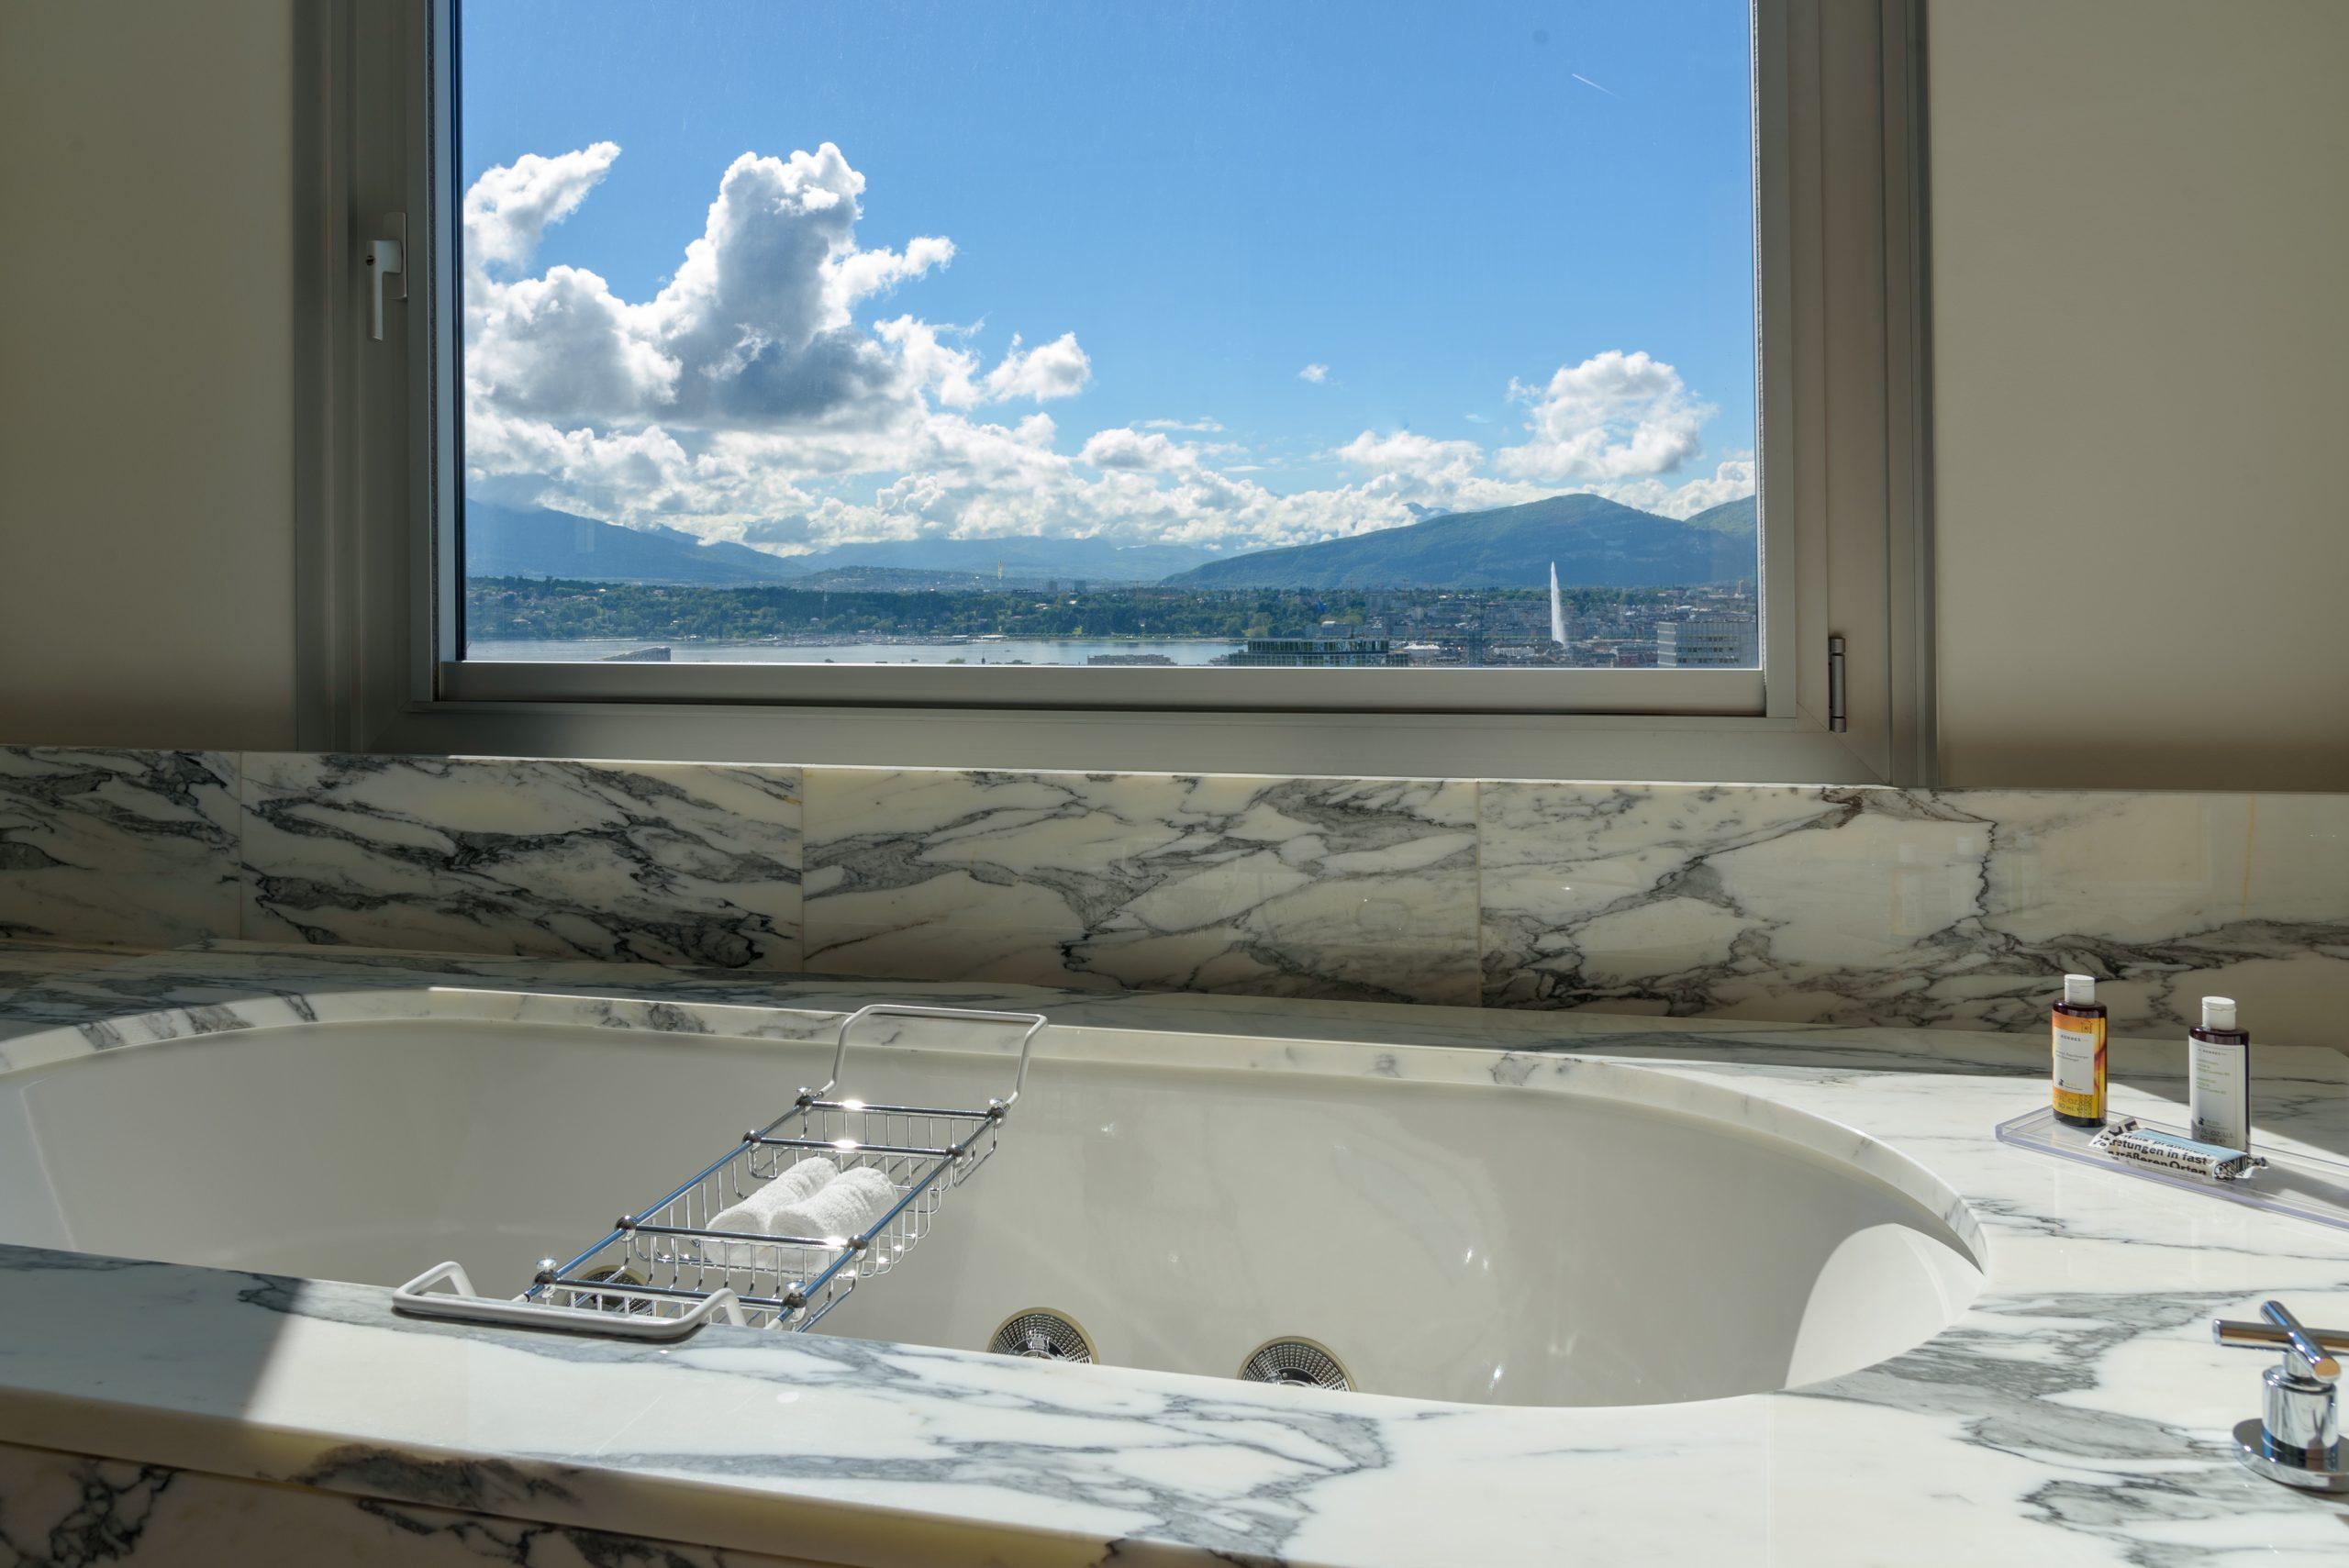 InterContinental-Geneva-Hotel-Suites-Presidential-Suite-5